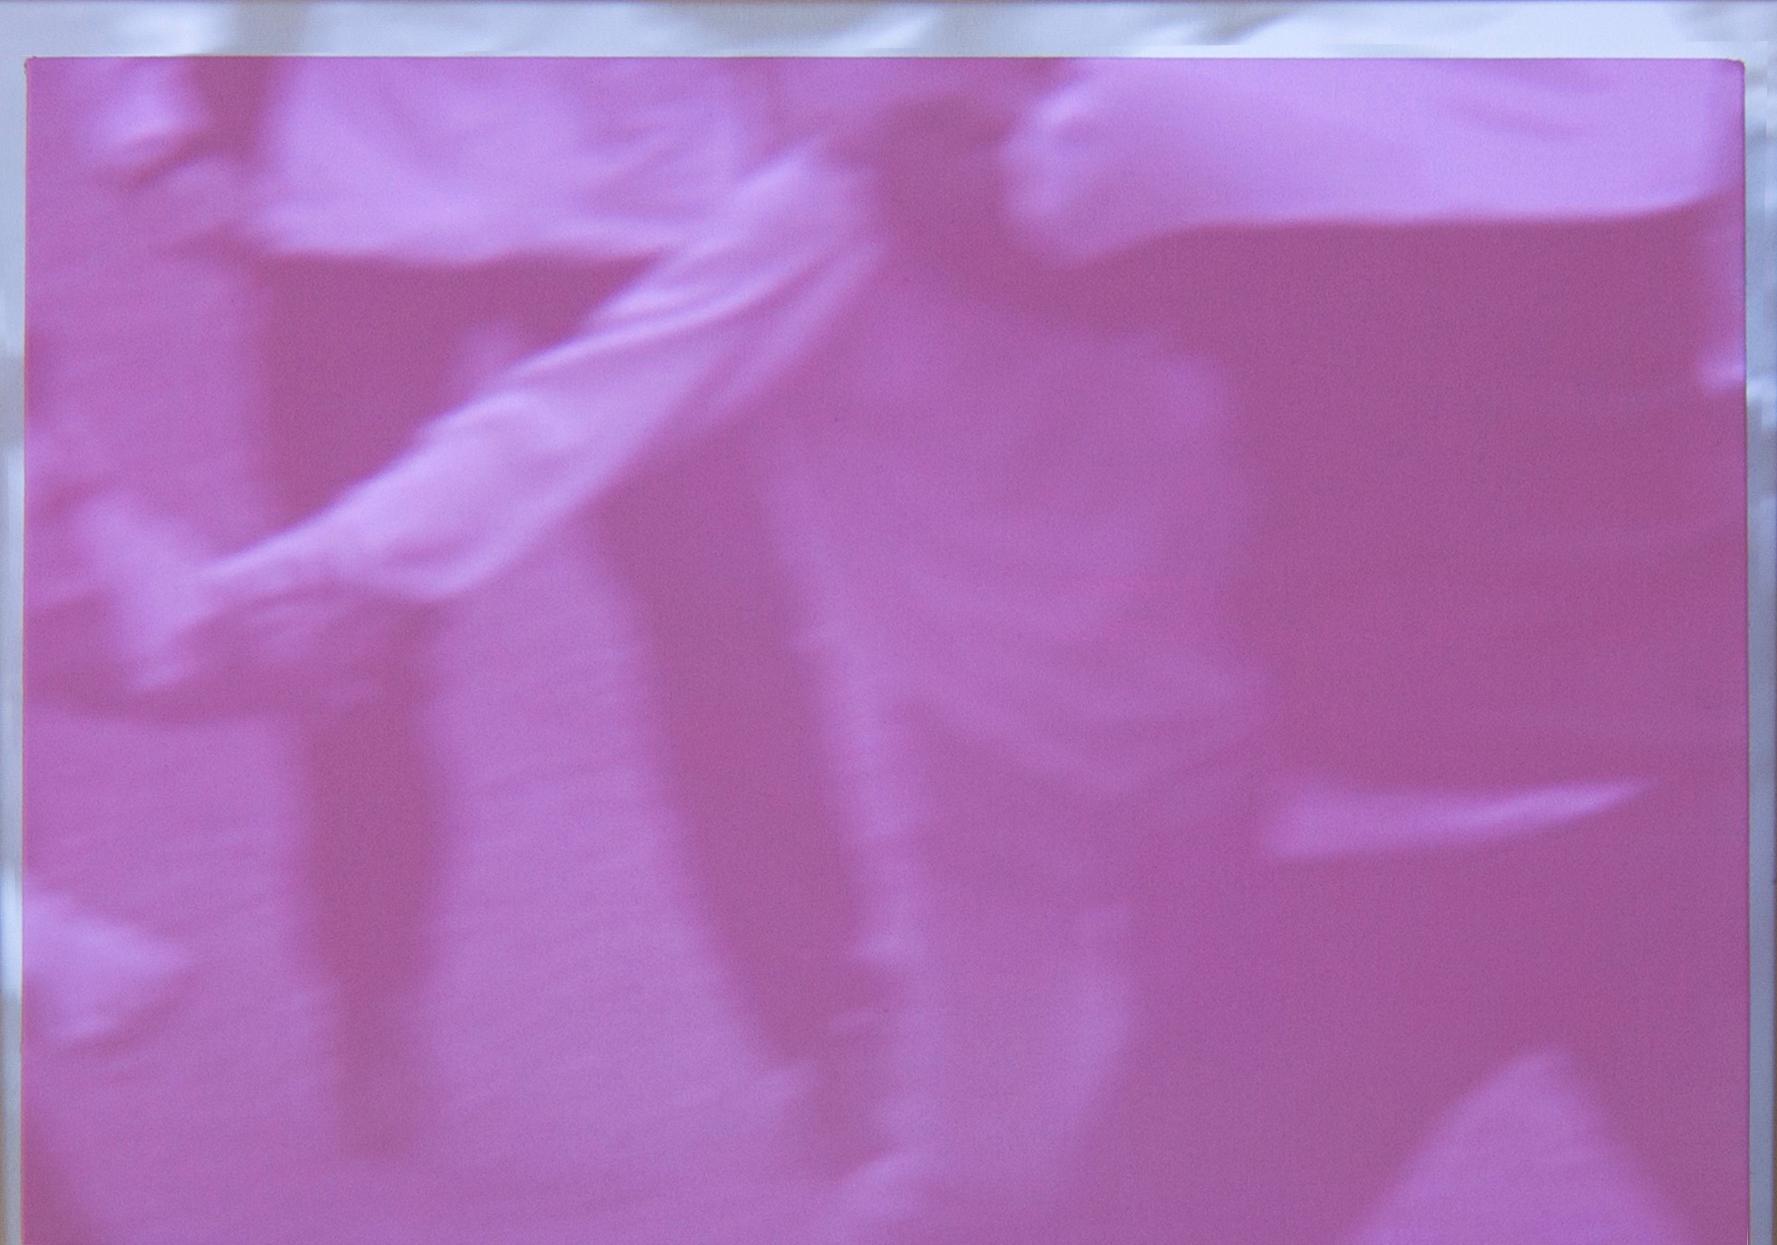 Ettore Pinelli, pictorial device *digital (rose light) 2017 olio su tela, foto proiezione, mensola in legno, 30x42cm